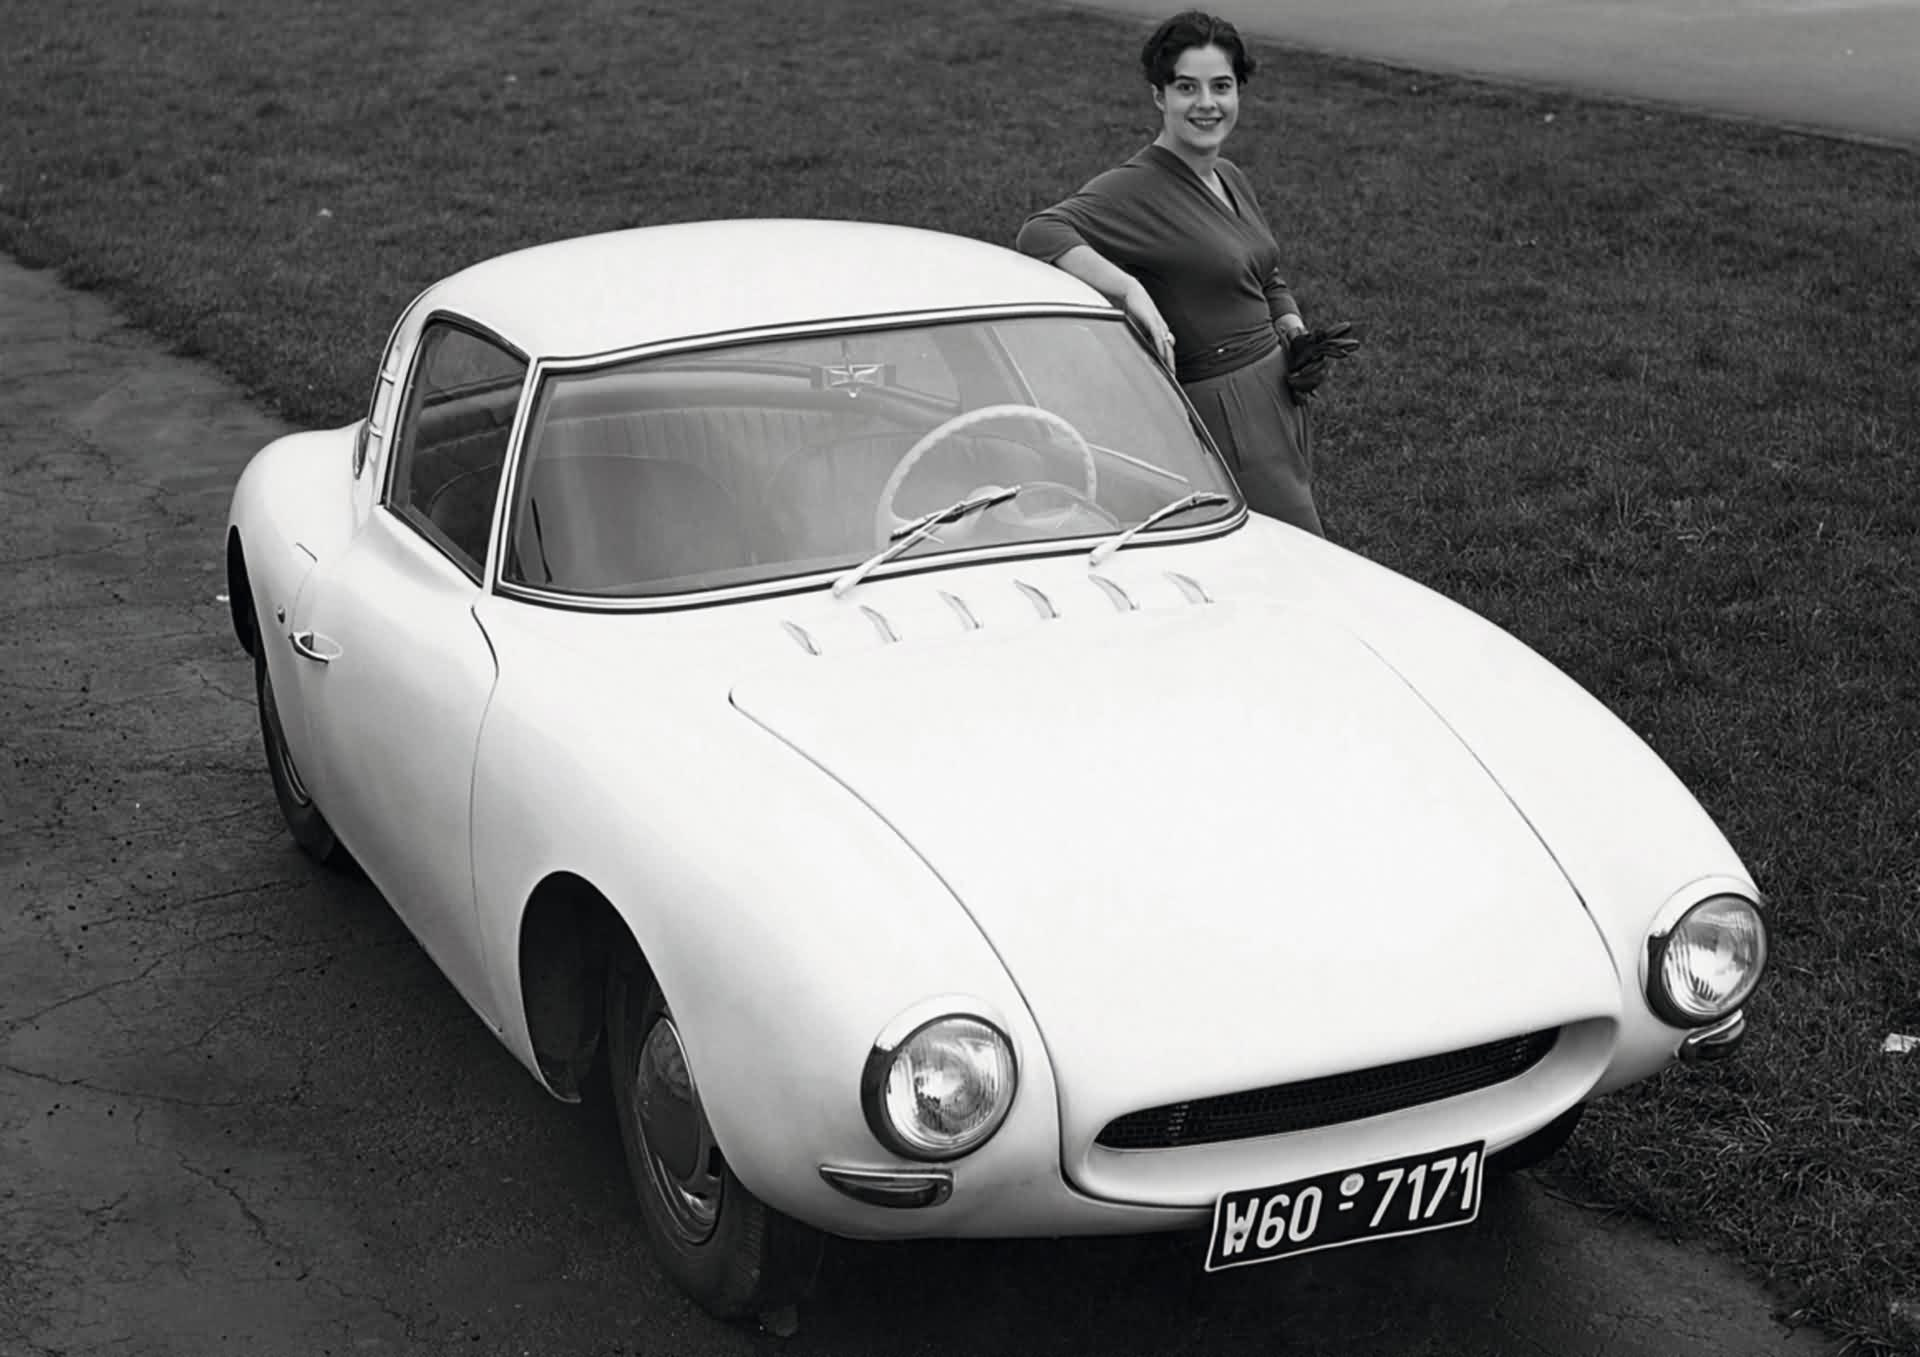 DKW Monza / DKW 3=6 Monza